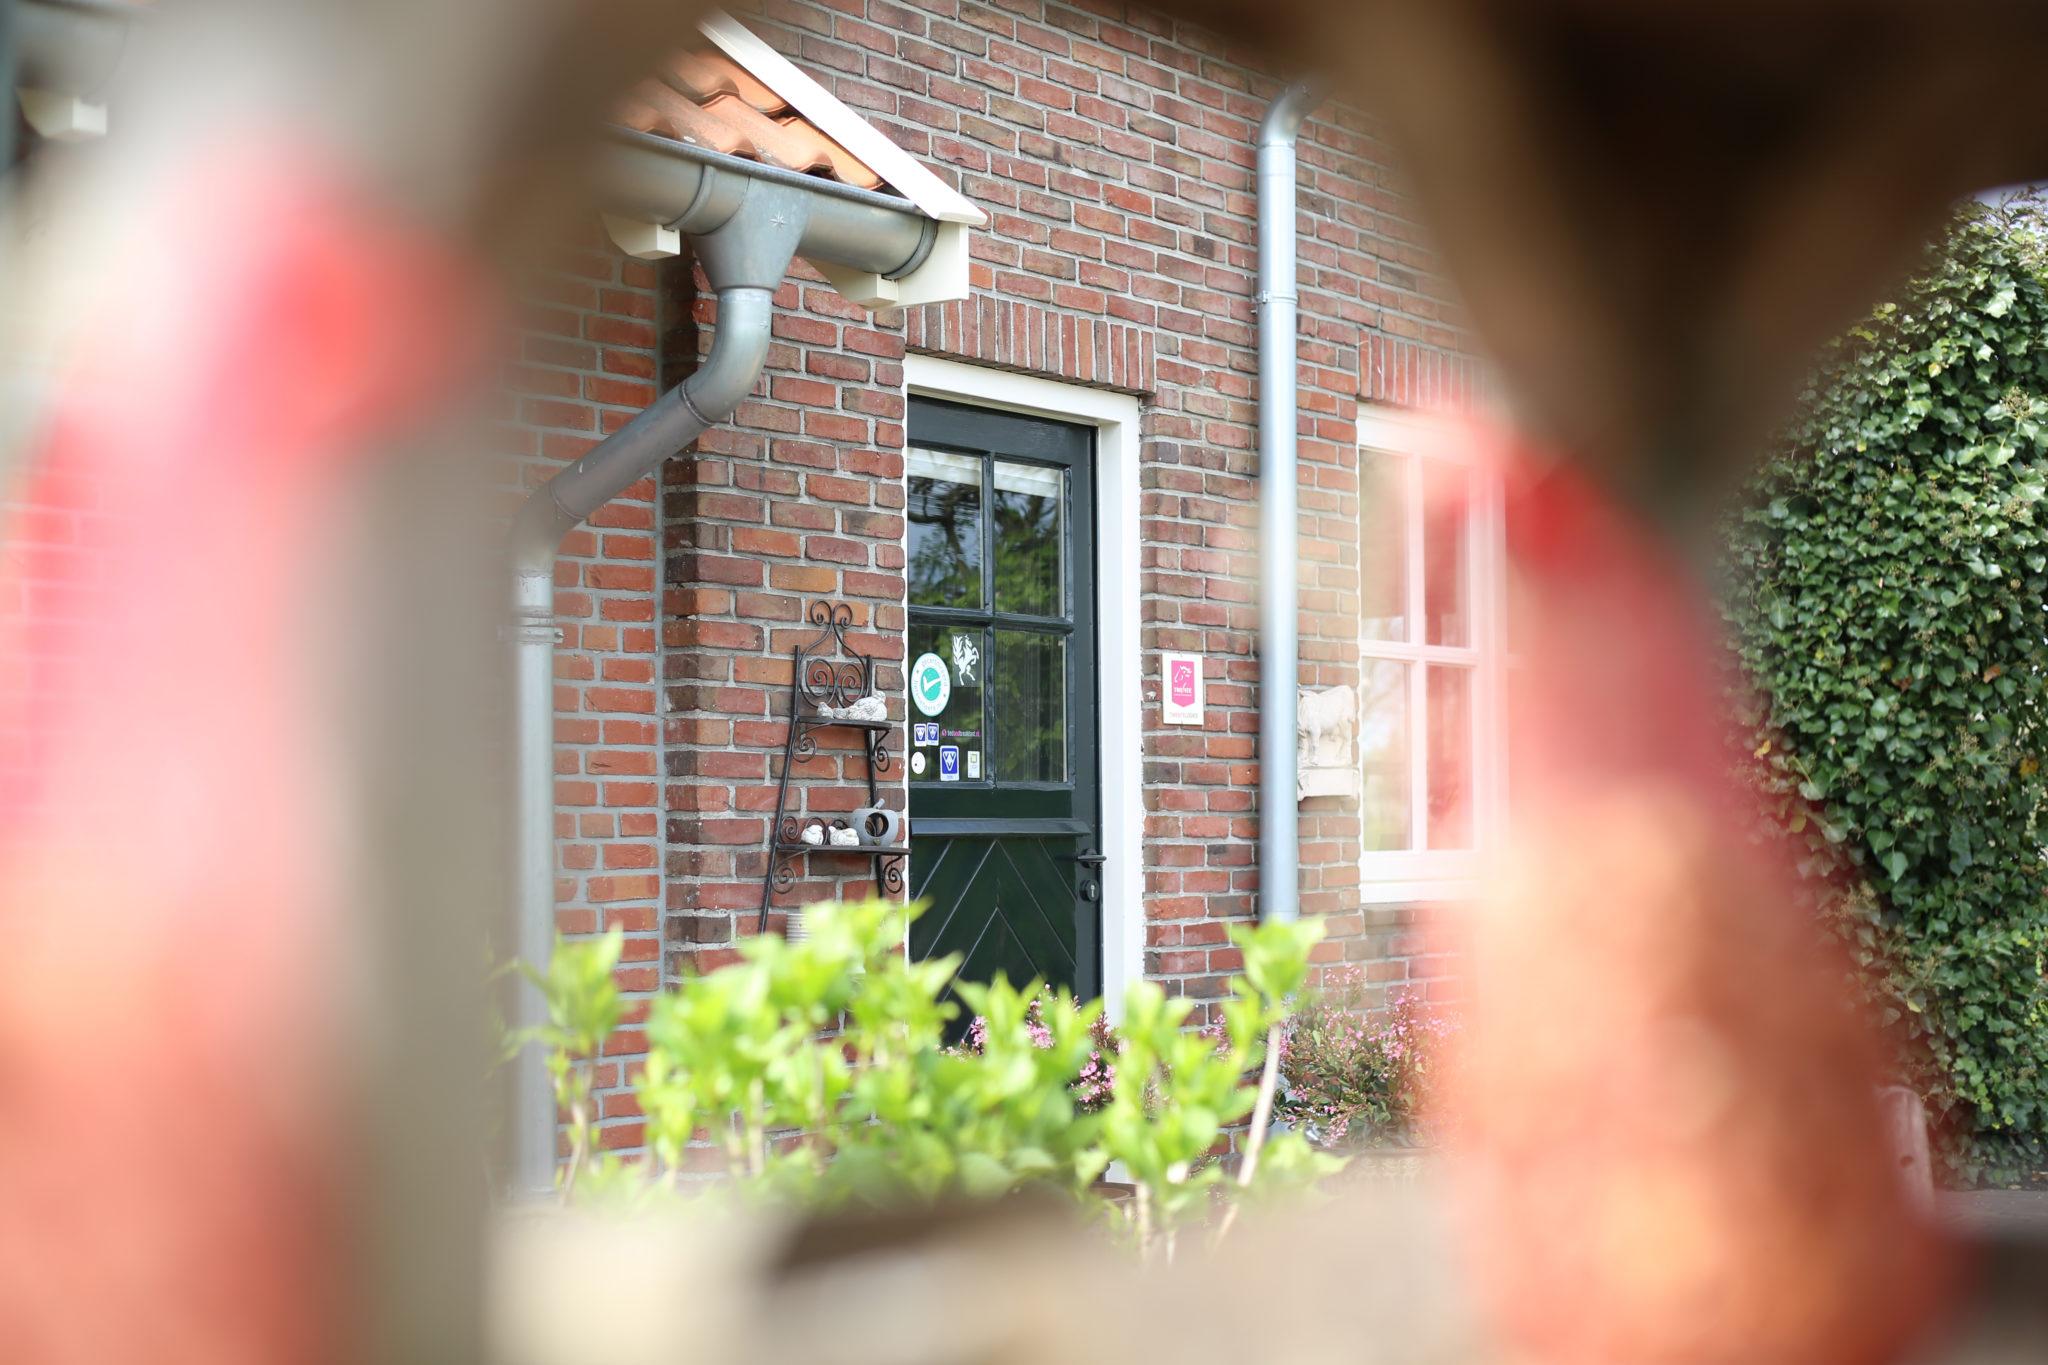 Sfeerfotografie - Suus' FotoSjop - Oldenzaal - Sfeer - Foto - Bedrijf - Enschede - Portret - Life style - Buiten - Licht - Fris - Natuur - Enschede - Hengelo